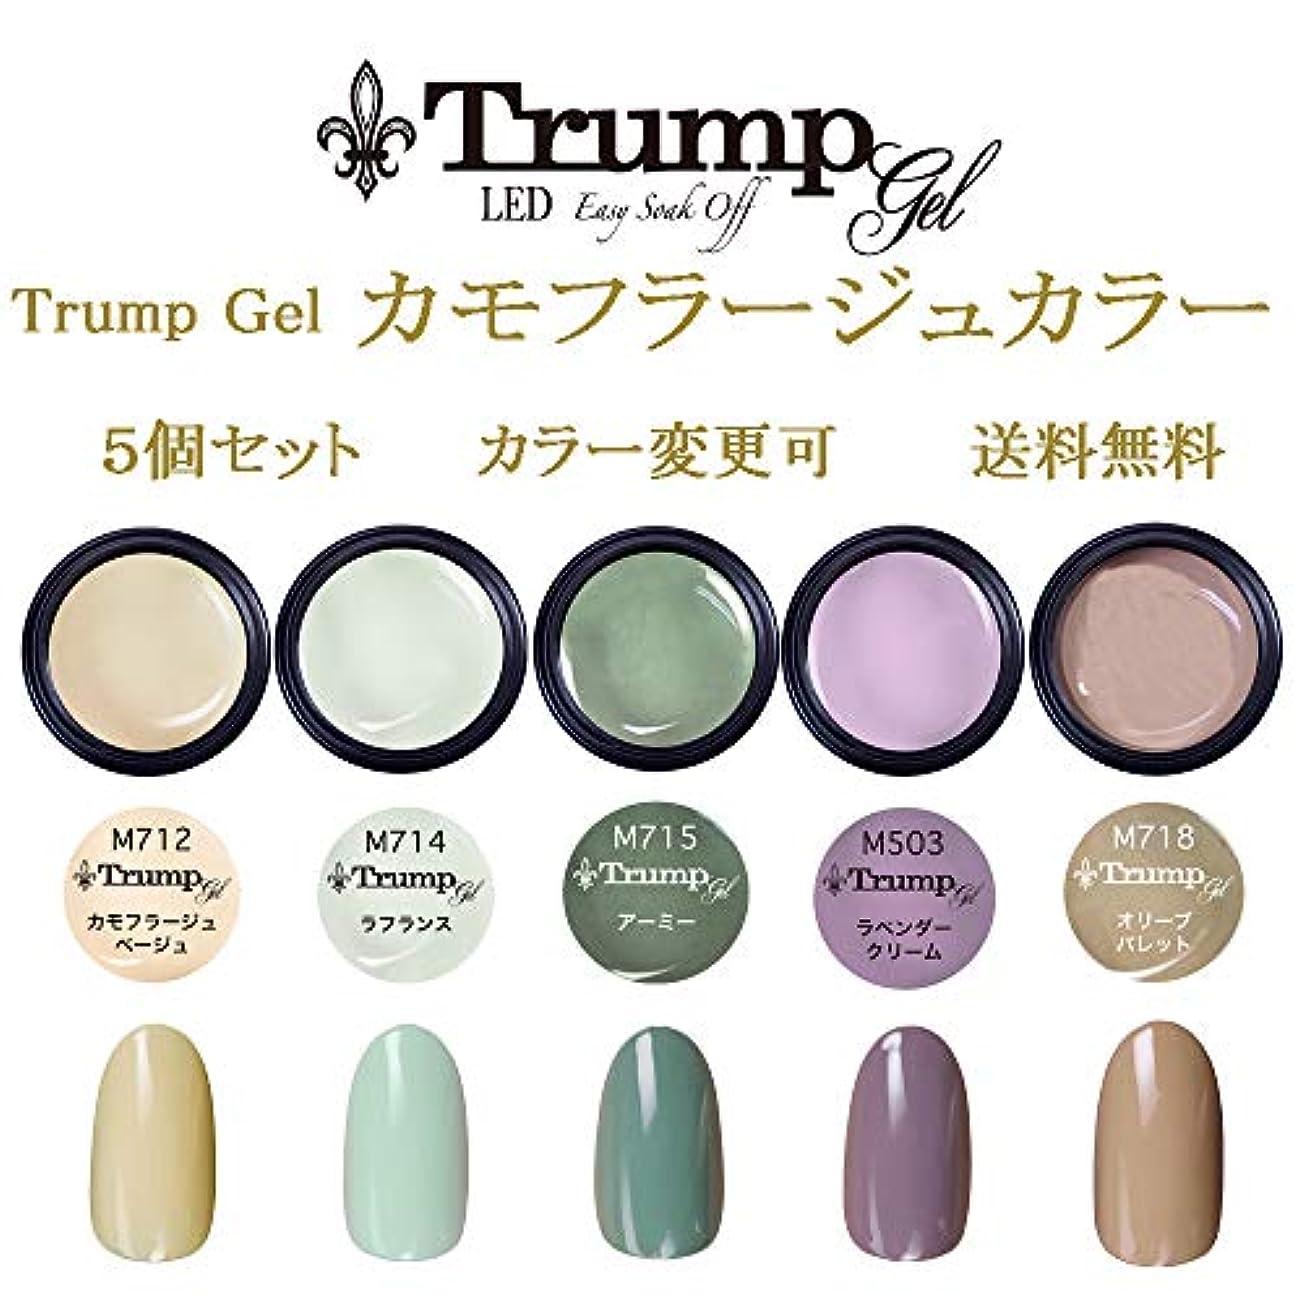 【送料無料】Trumpカモフラージュカラー選べるカラージェル5個セット